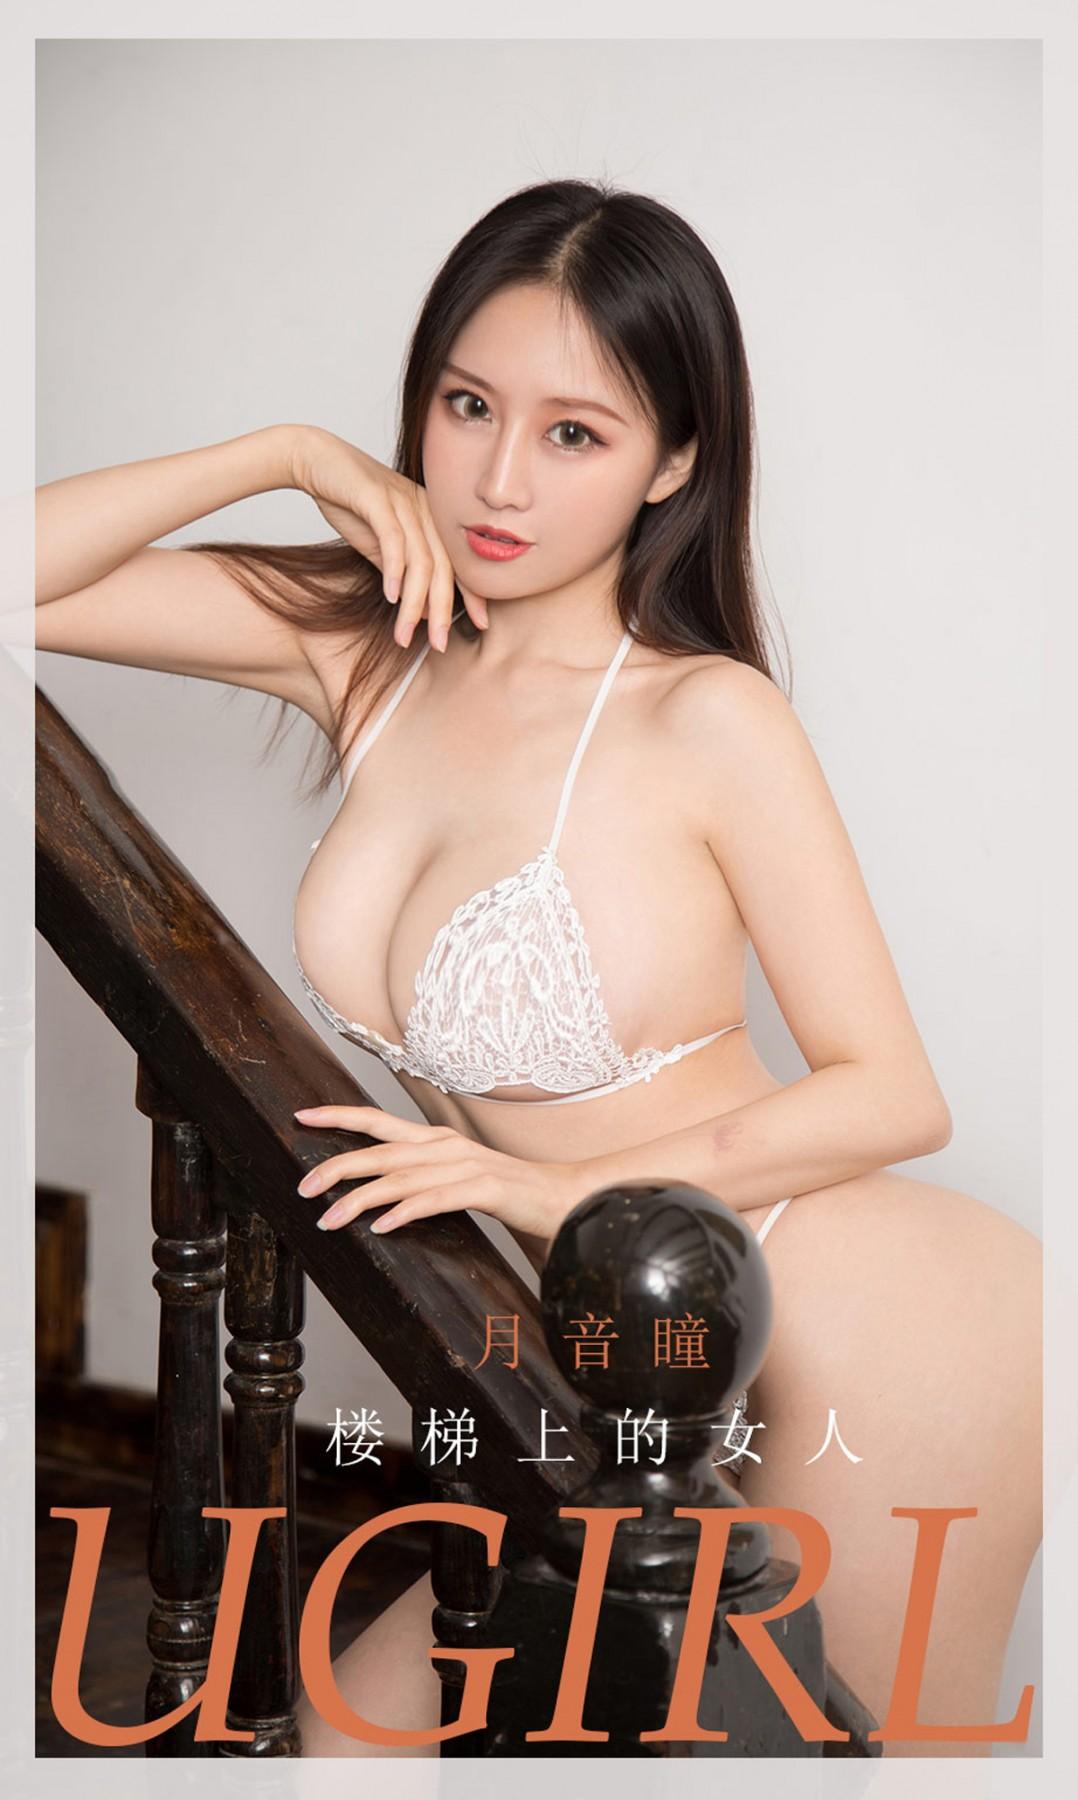 尤果圈 No.2063 牛奶丝